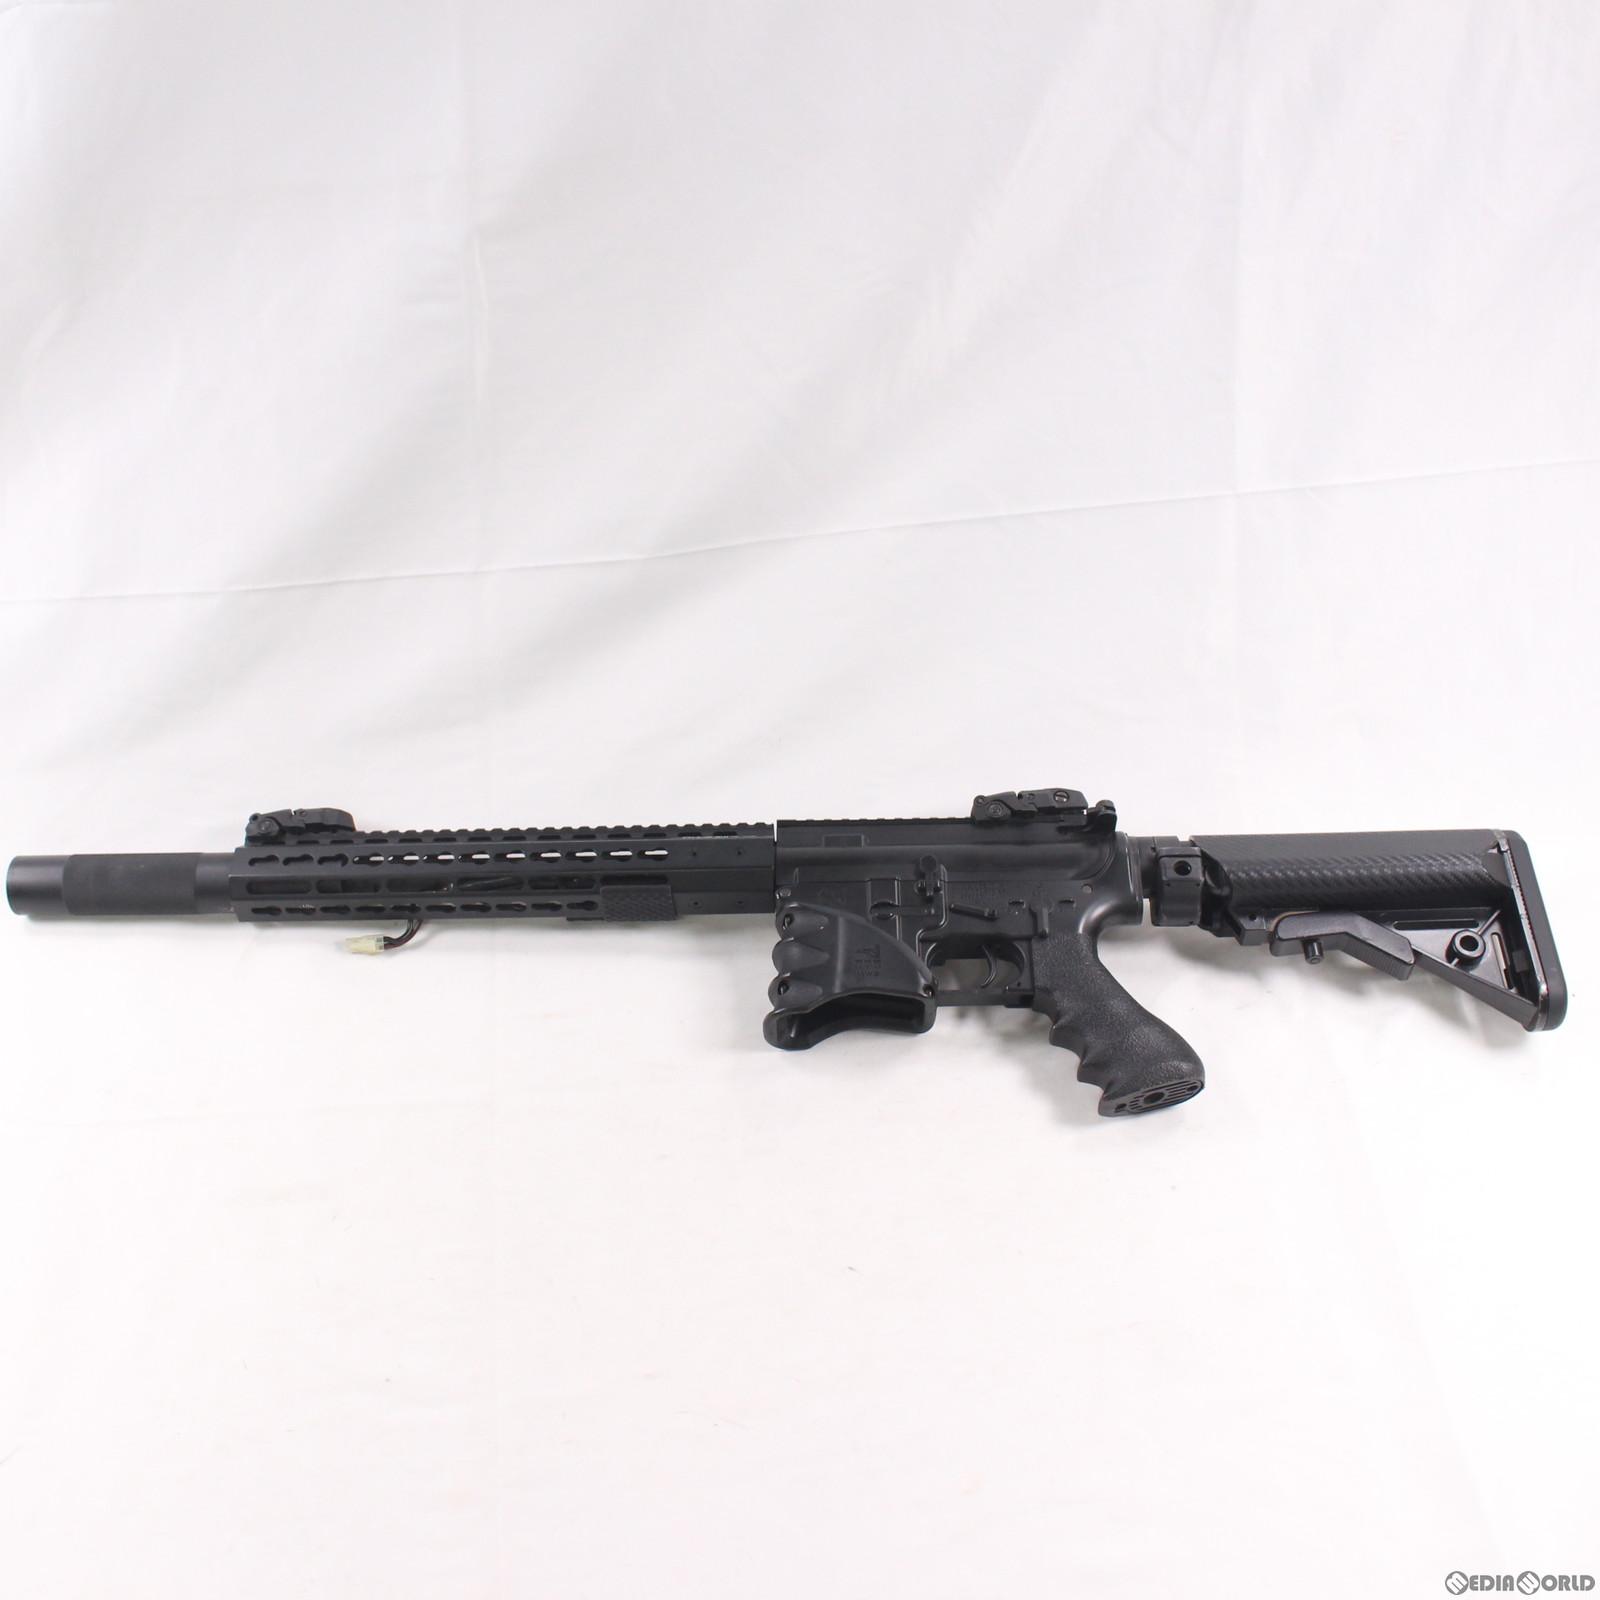 【中古】[MIL]E&C 電動アサルトライフル M4ベース カスタム品 (18歳以上専用)(20150223)